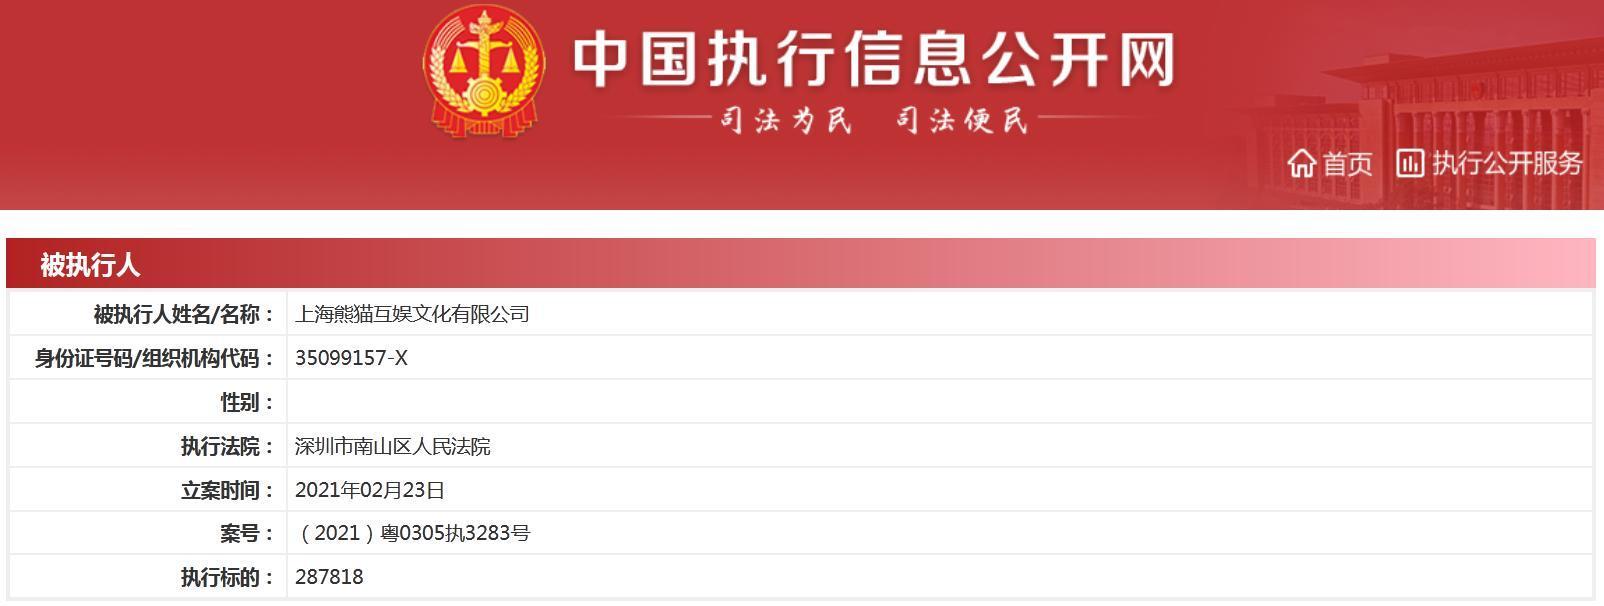 王思聪关联公司熊猫互娱新增被执行人信息 执行标的287818元